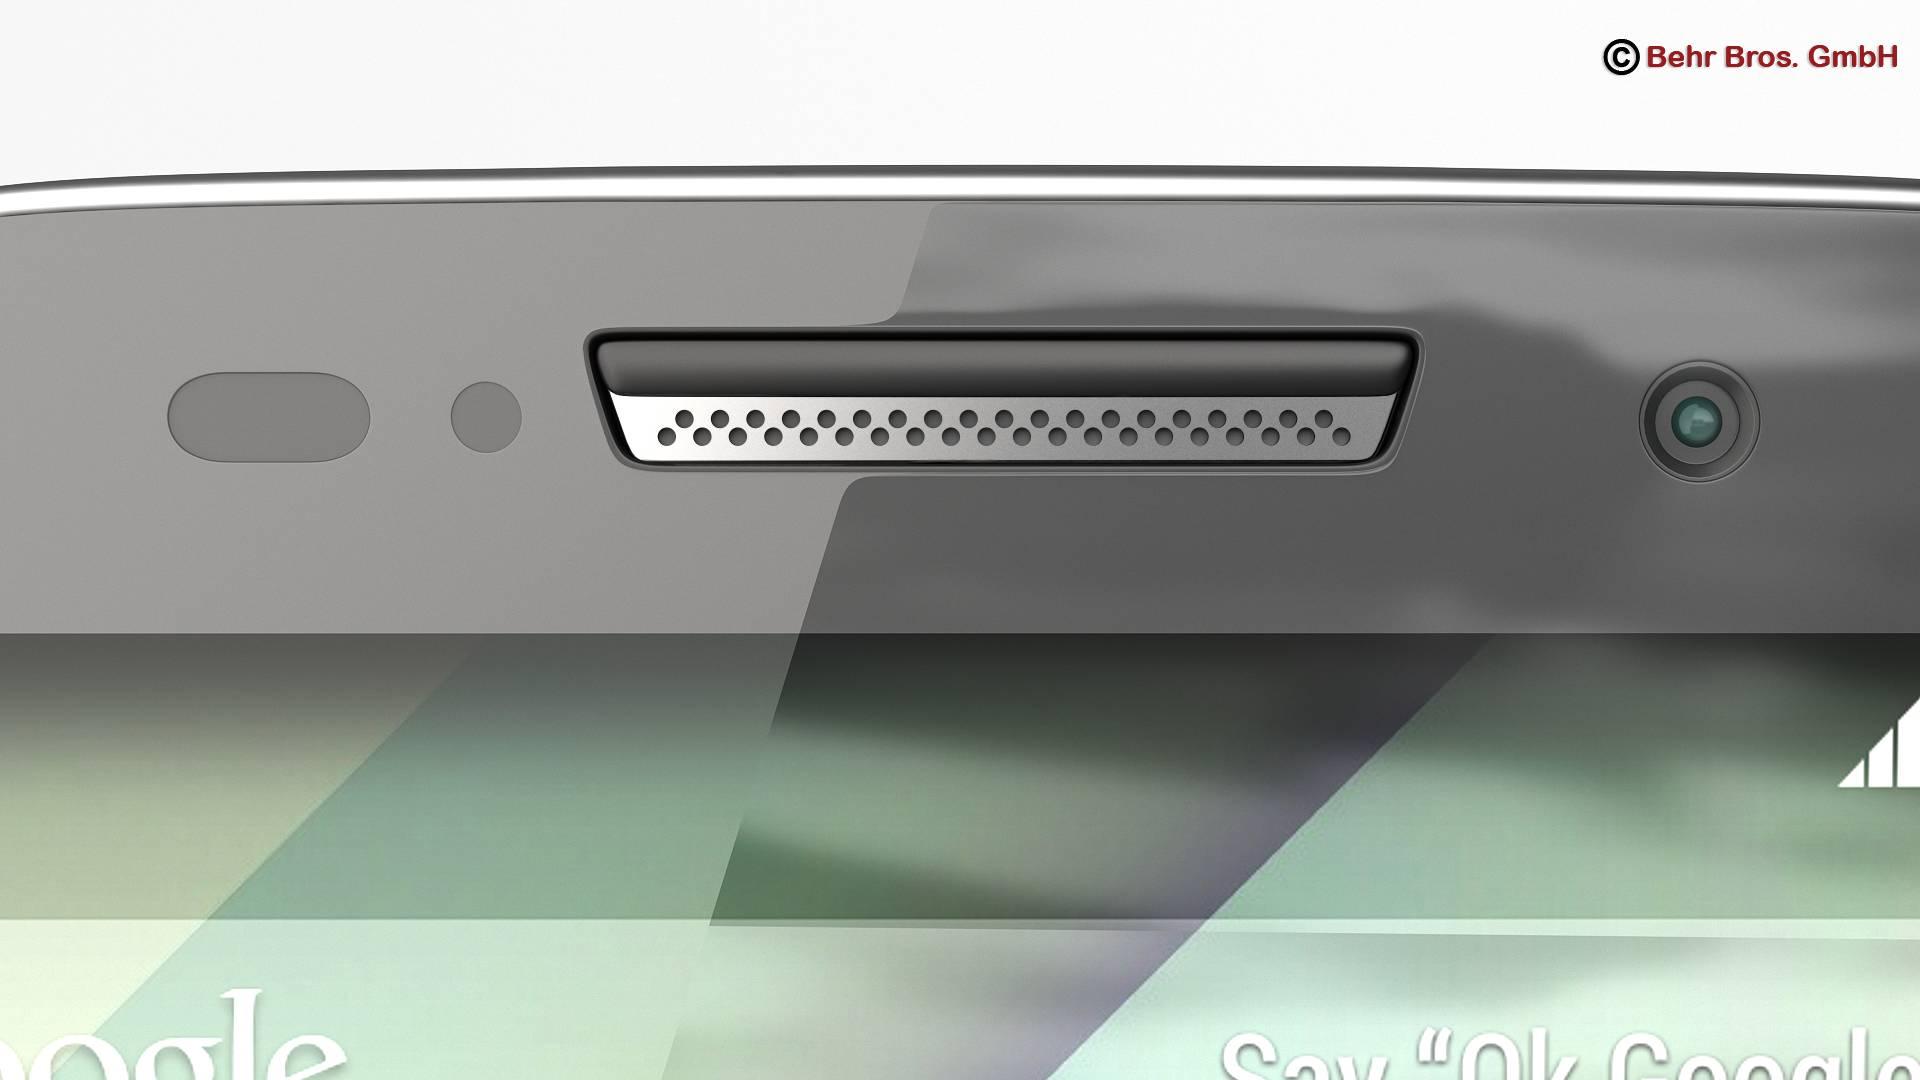 Generic Smartphone 4.6 Inch 3d model 3ds max fbx c4d lwo lws lw ma mb obj 161643